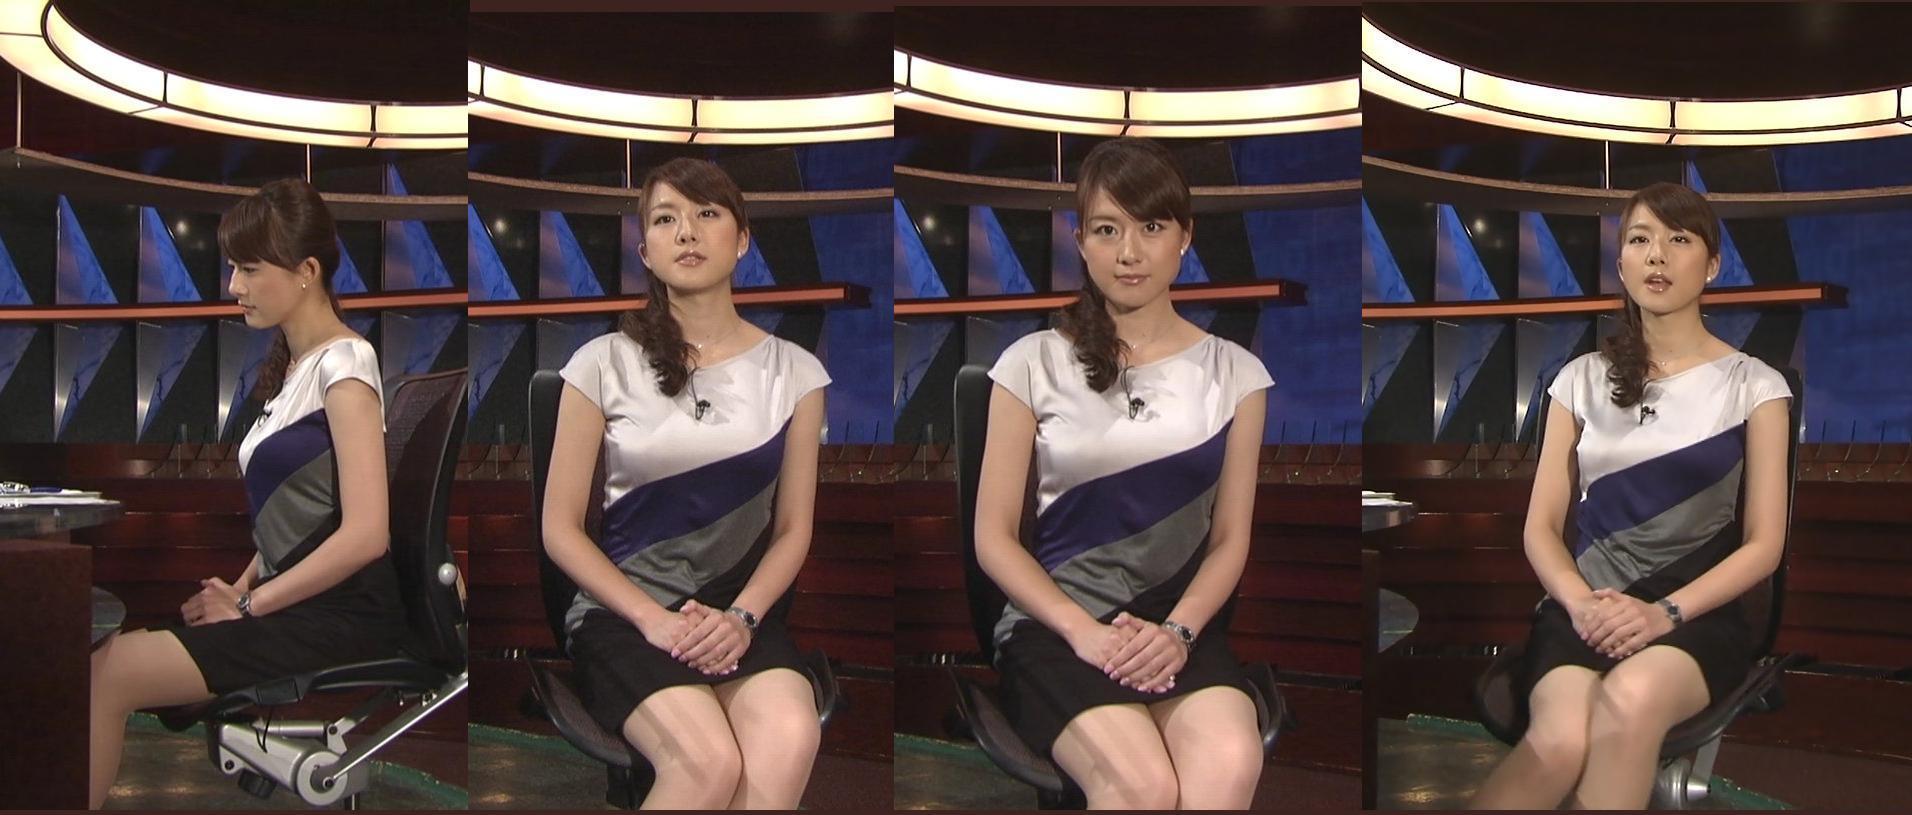 フジテレビ「ニュースJAPAN」、ワンピースの衣装を着て太ももが露出している大島由香里アナ